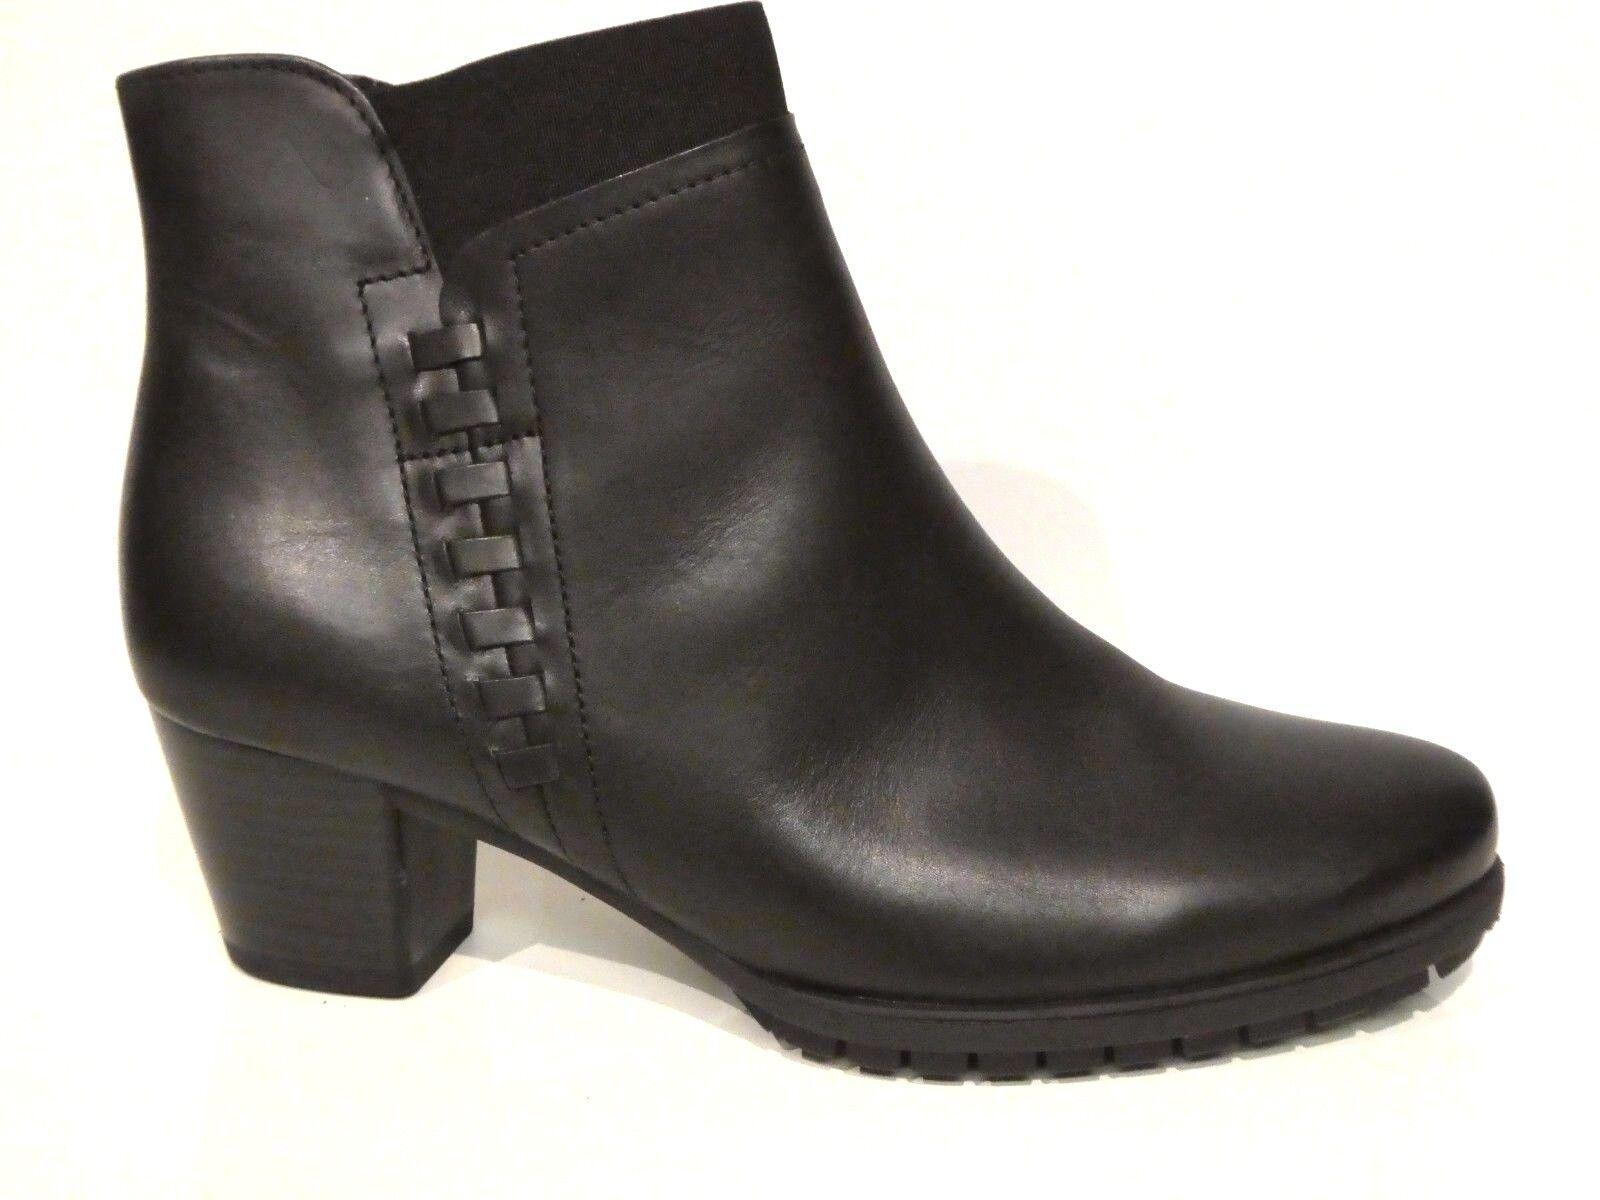 Stiefel Stiefeletten Schuhe Comfort Gabor Stiefel H Weite